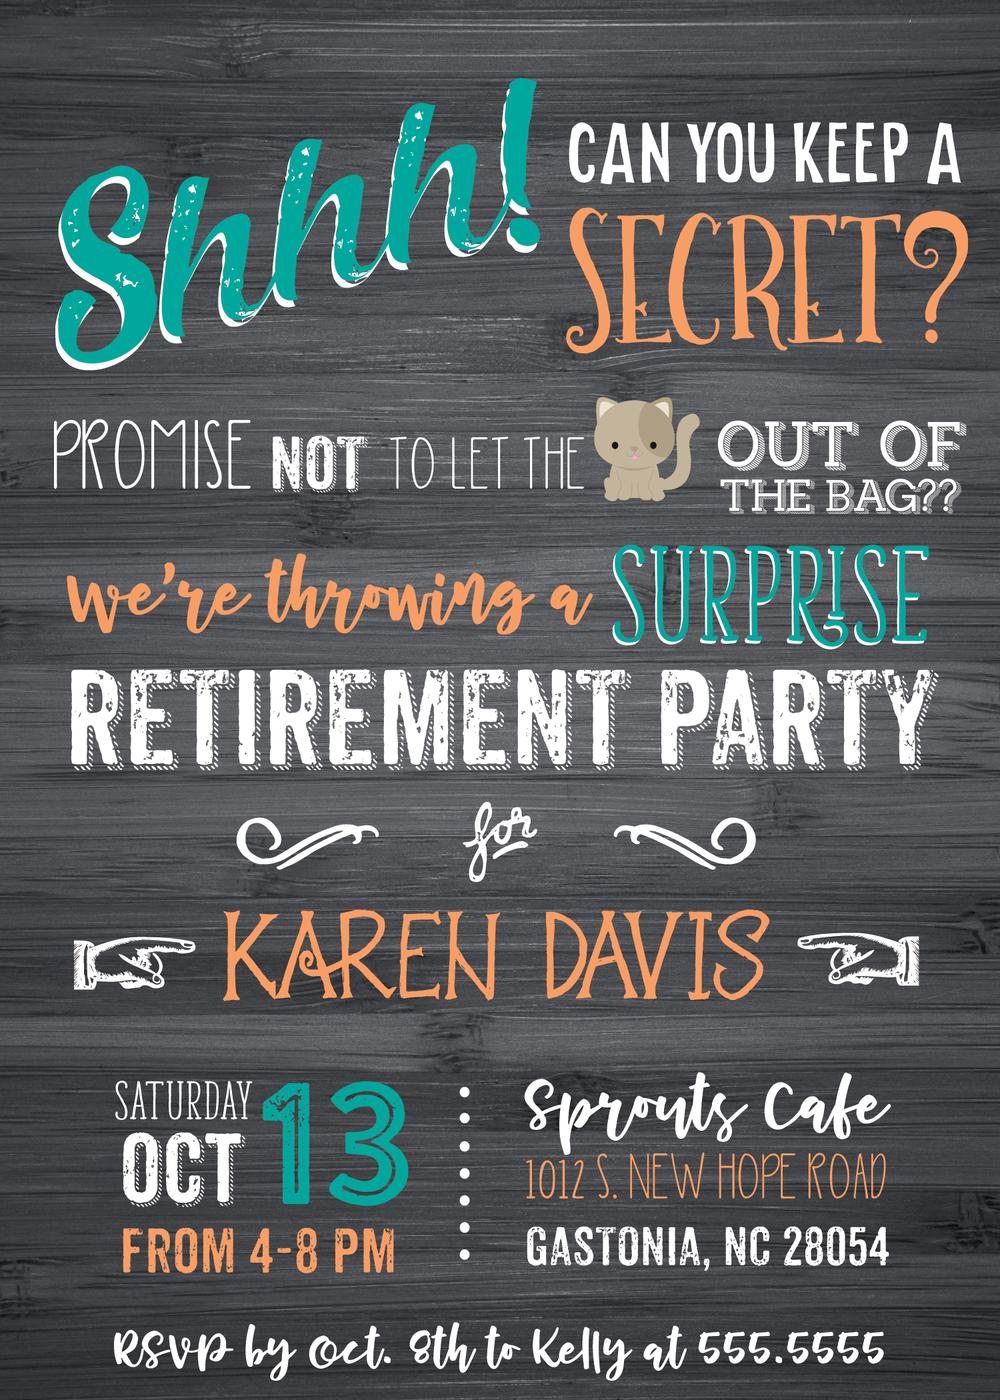 Retirement-Party-Secret.png